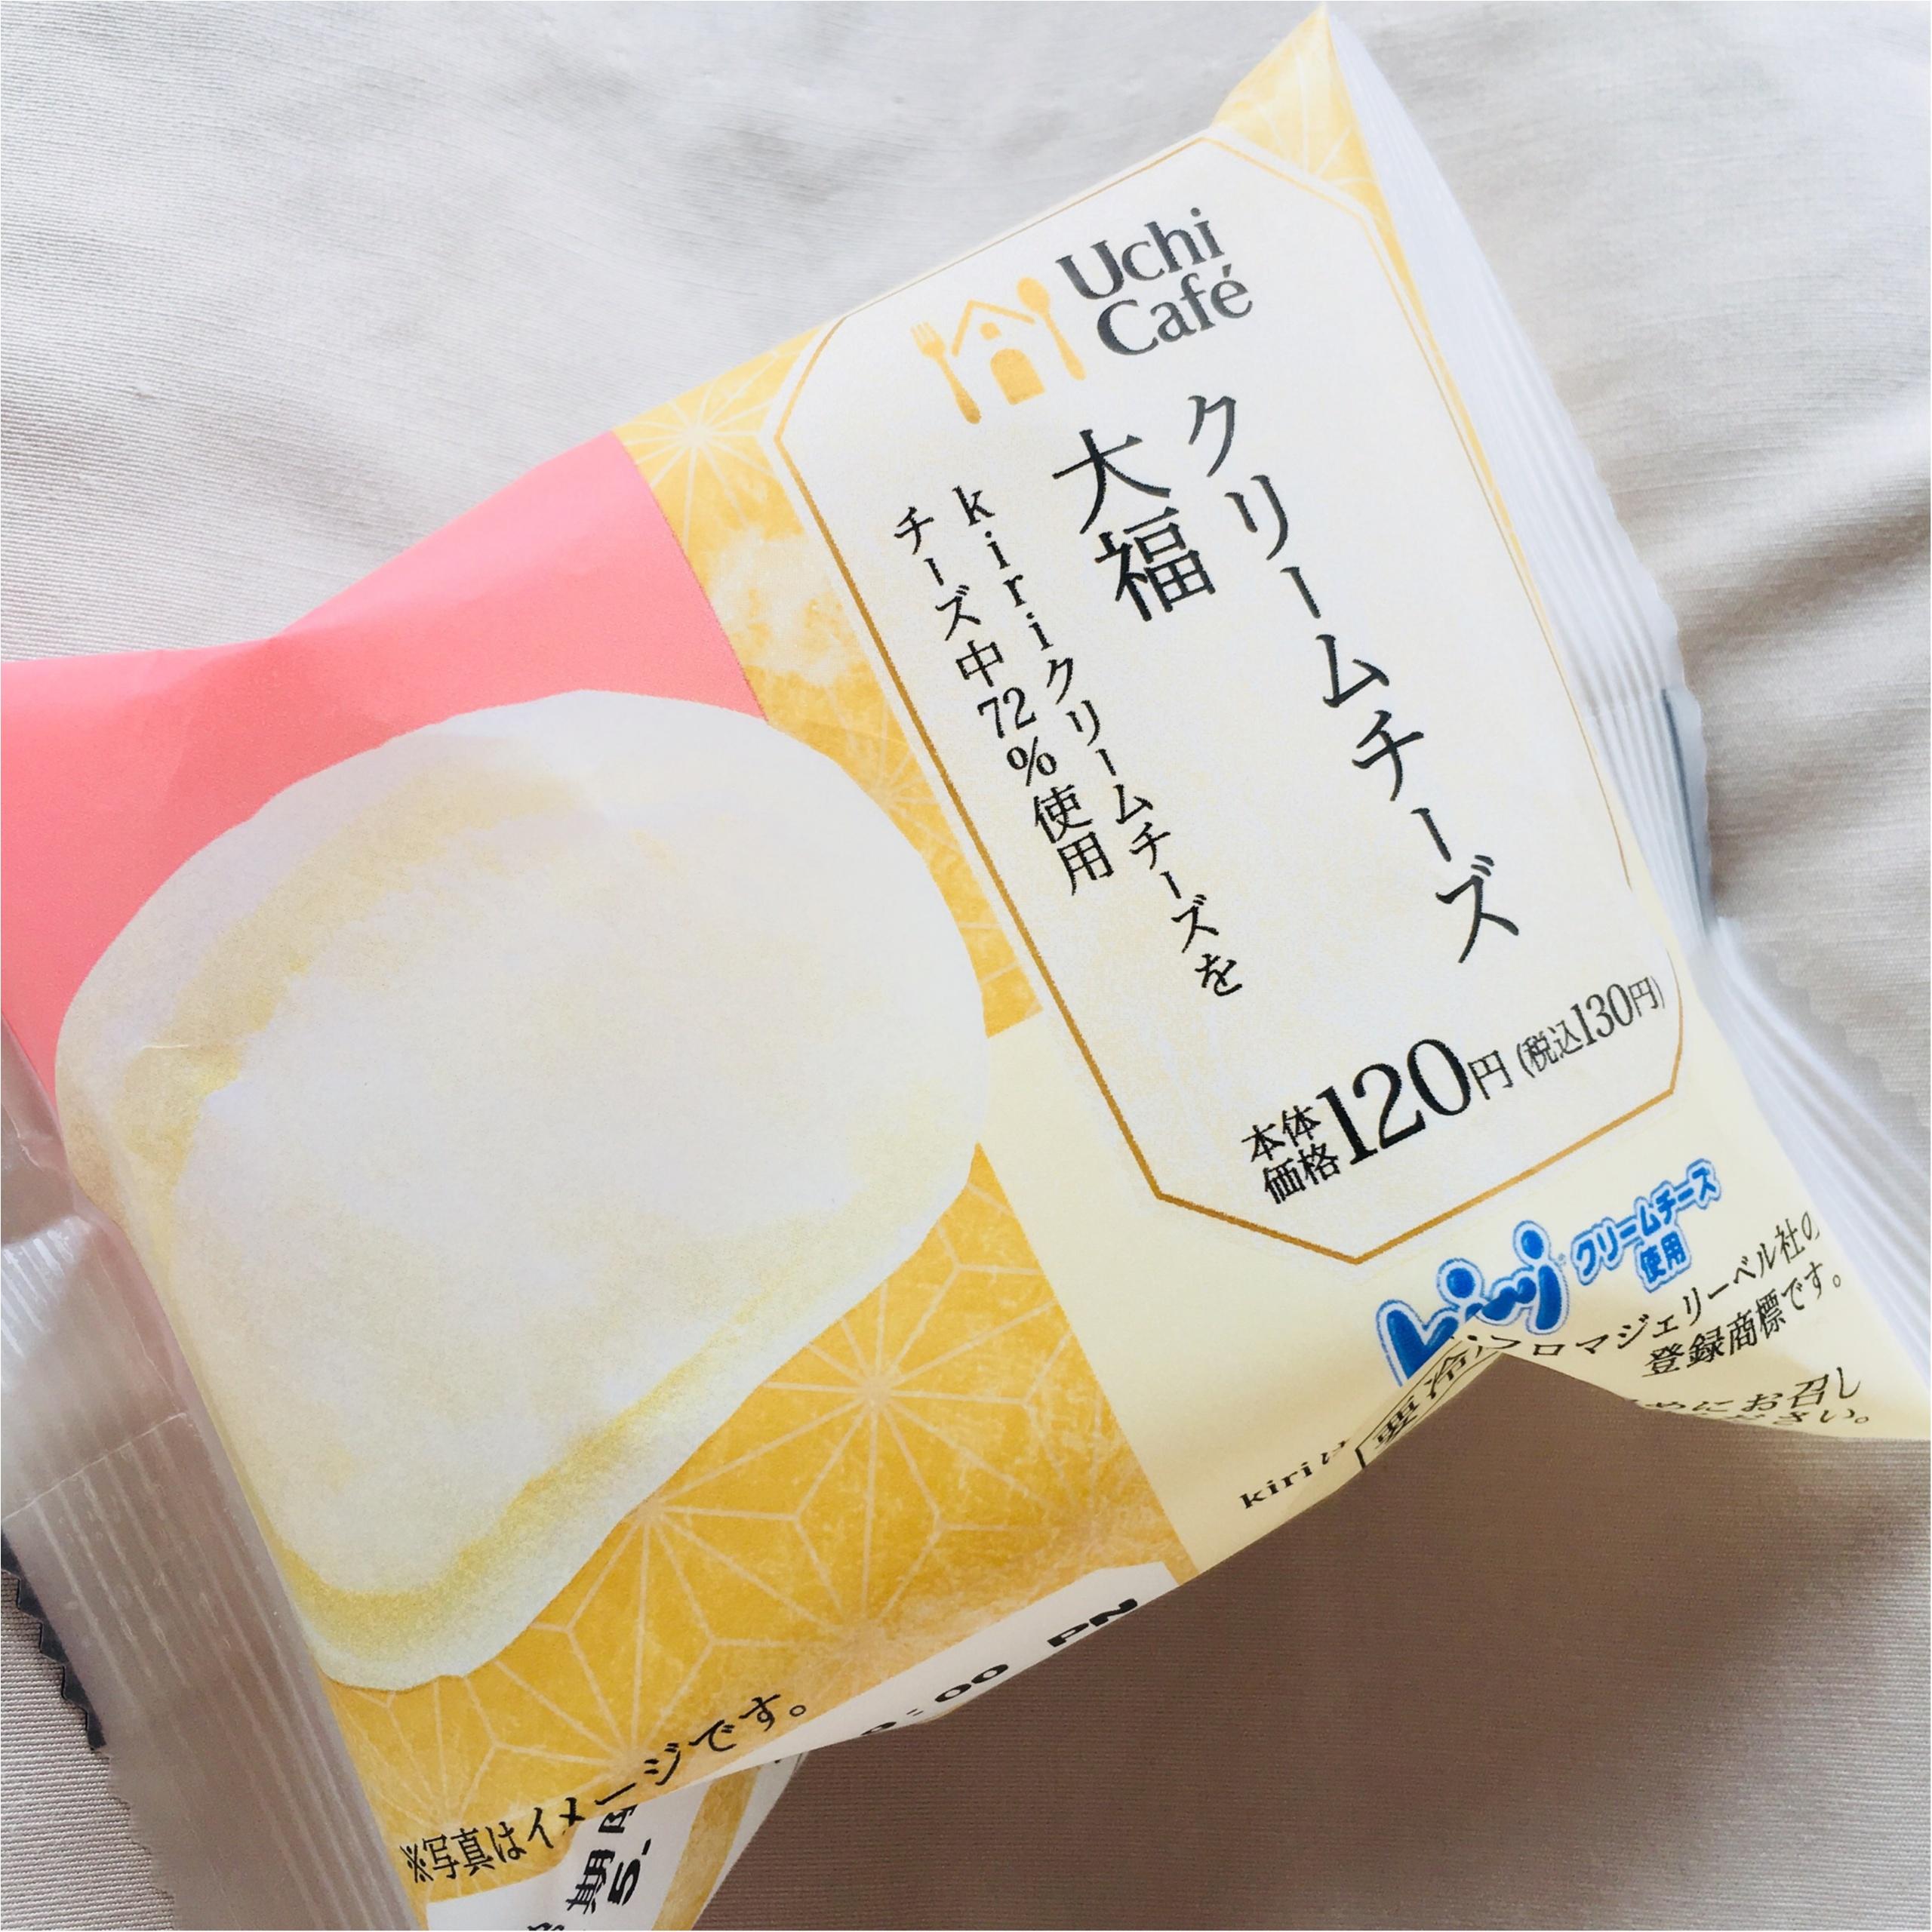 《本日5/1発売!》【コンビニスイーツ】LAWSONクリームチーズ大福(kiriクリームチーズ使用★)が美味❤️_1